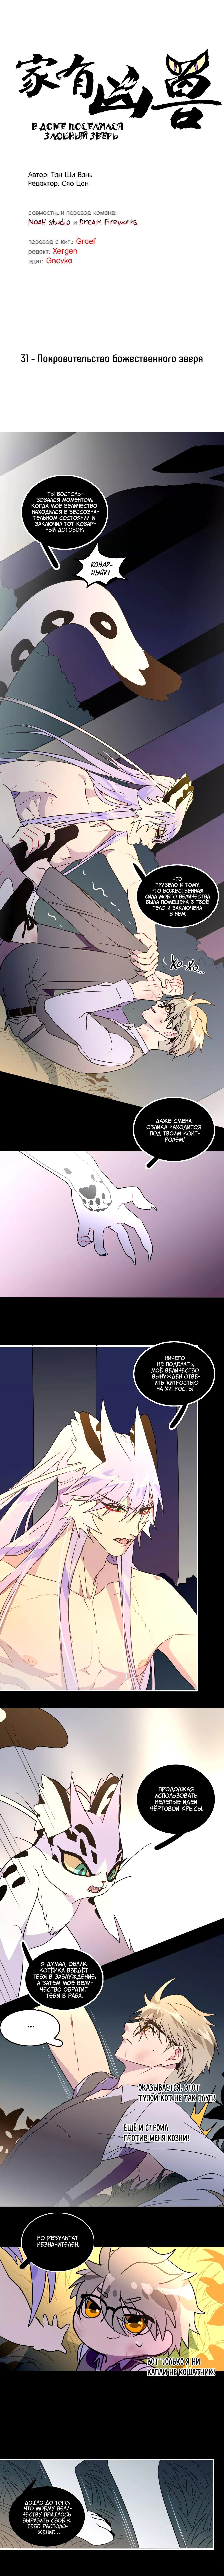 Манга В доме поселился злобный зверь - Глава 31 Страница 1